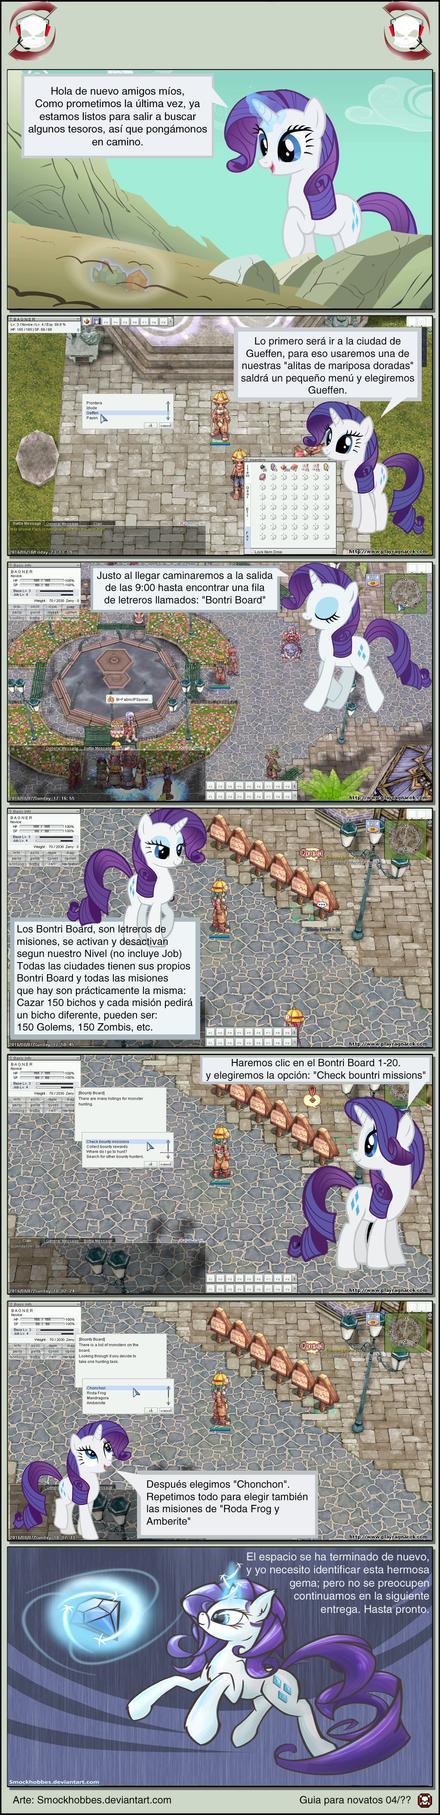 Guia para principiantes en Ragnarock 04 by GranJaguarRojo